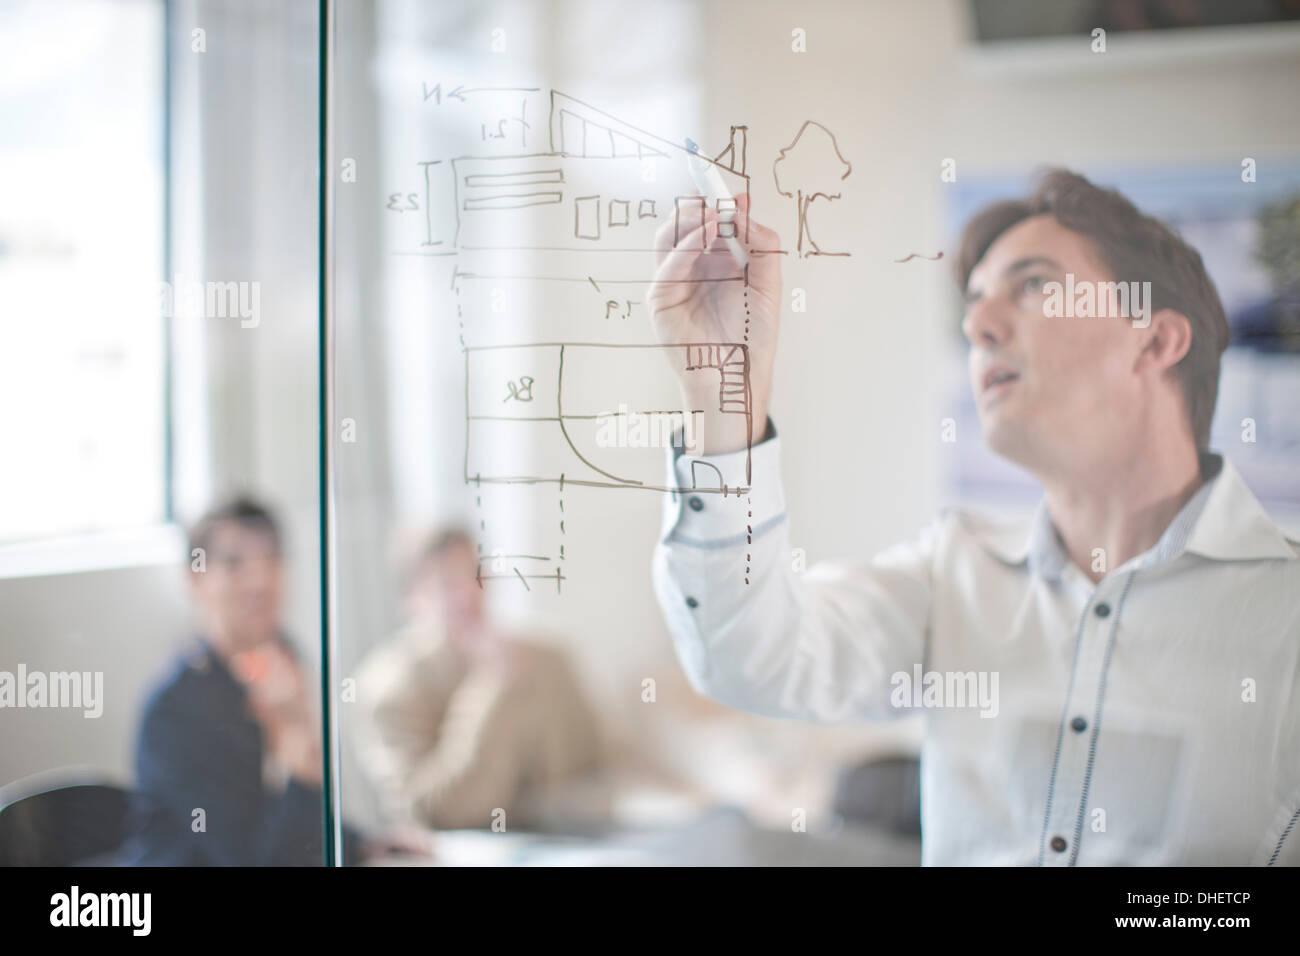 Dessin homme plans architecturaux sur mur de verre, des collègues en arrière-plan Banque D'Images